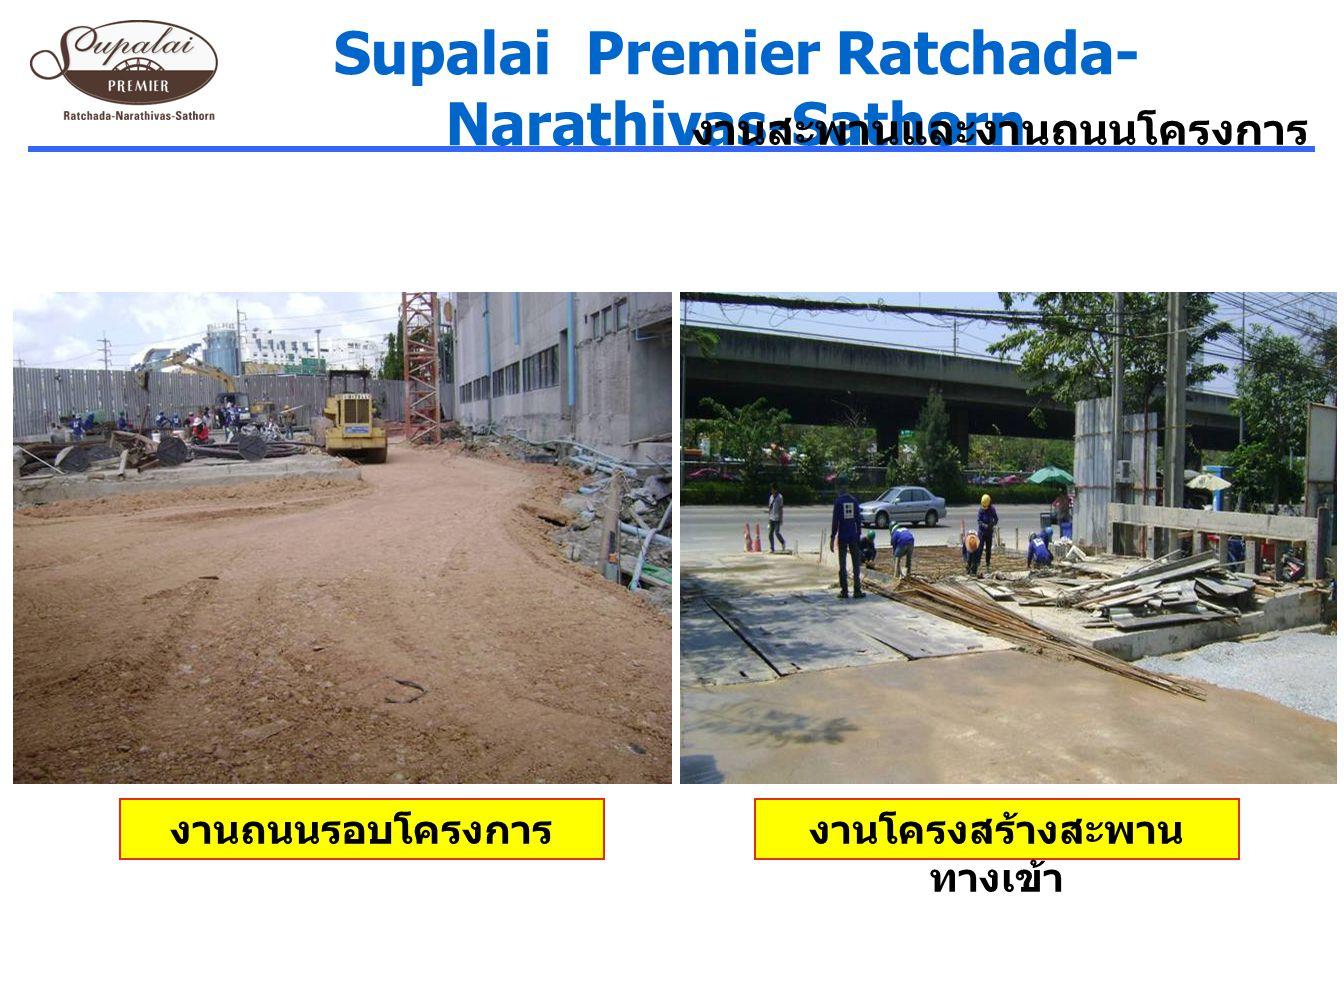 Supalai Premier Ratchada- Narathivas-Sathorn งานสะพานและงานถนนโครงการ งานโครงสร้างสะพาน ทางเข้า งานถนนรอบโครงการ